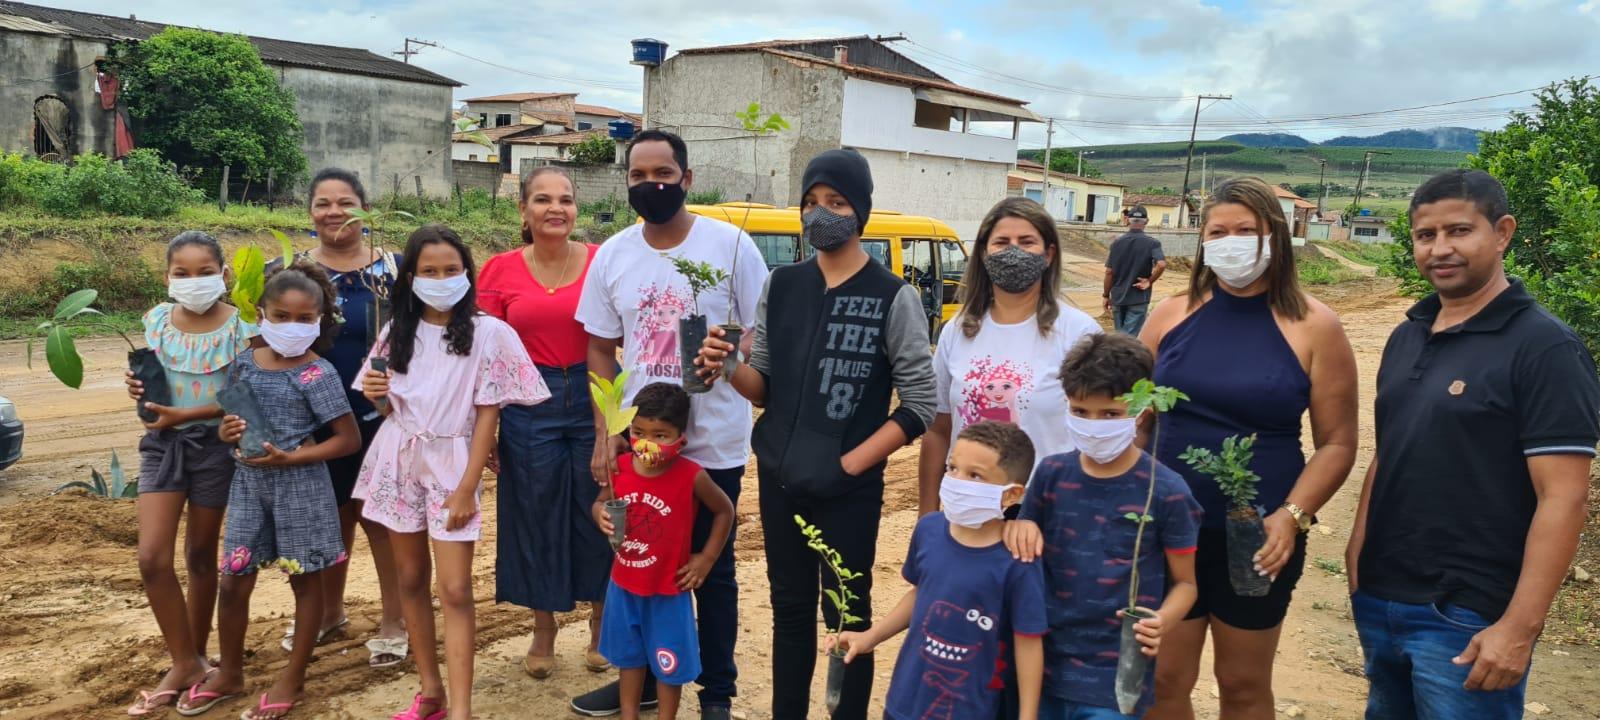 Evento É Dia de Brincar resgata brincadeiras tradicionais e já é considerado maior ação social de Dia das Crianças já realizada em Itagimirim 36